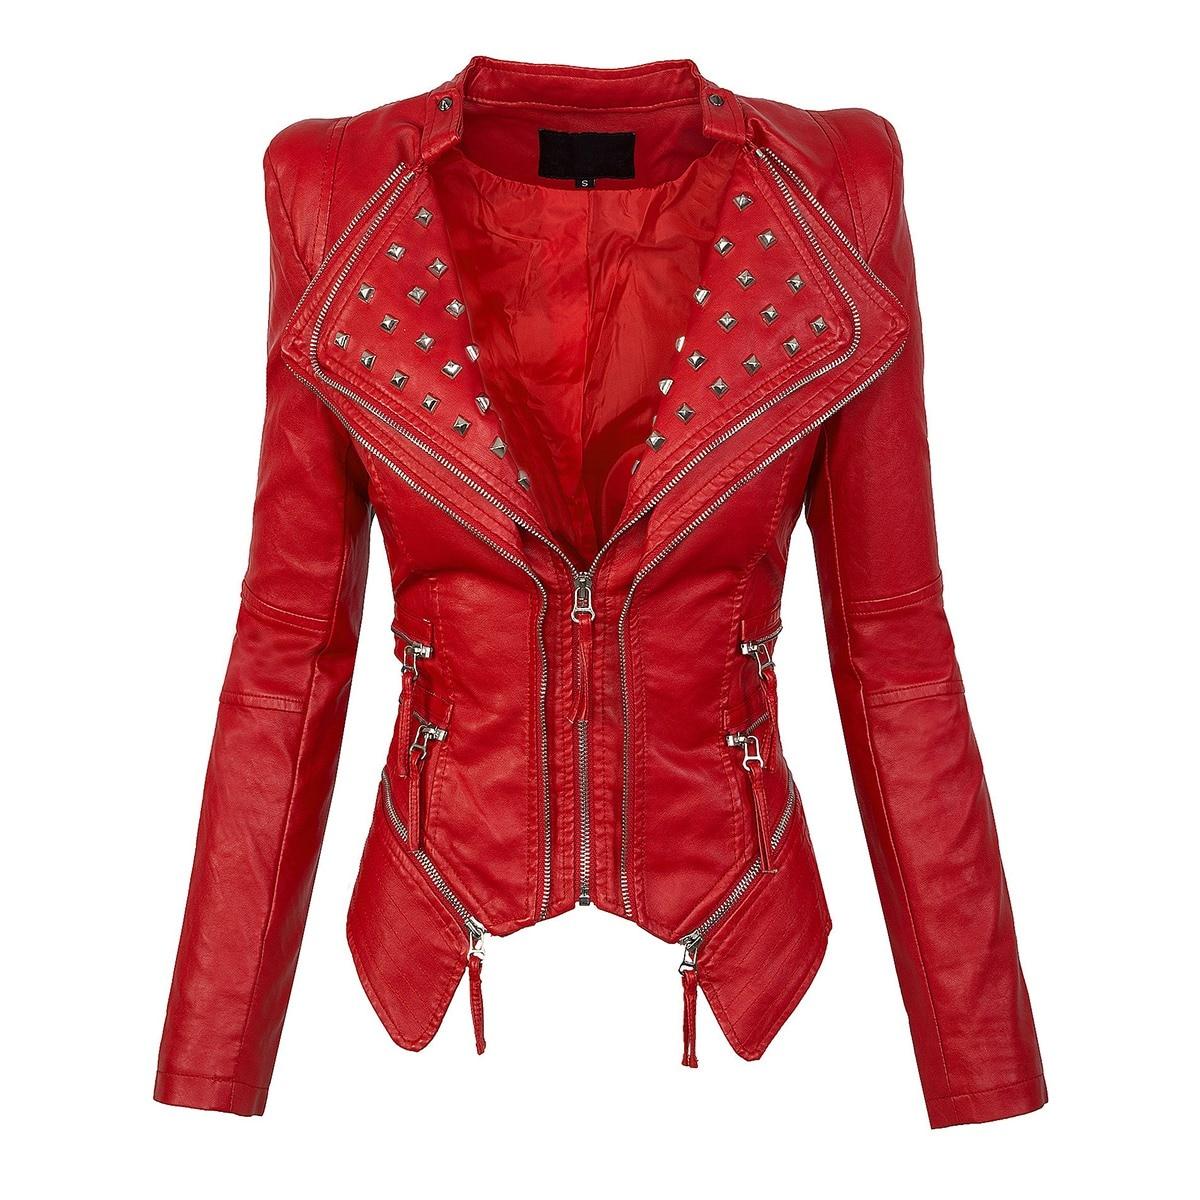 autumn women red jacket coat faux leather Plain Wide Lapel Rivet zipper PU